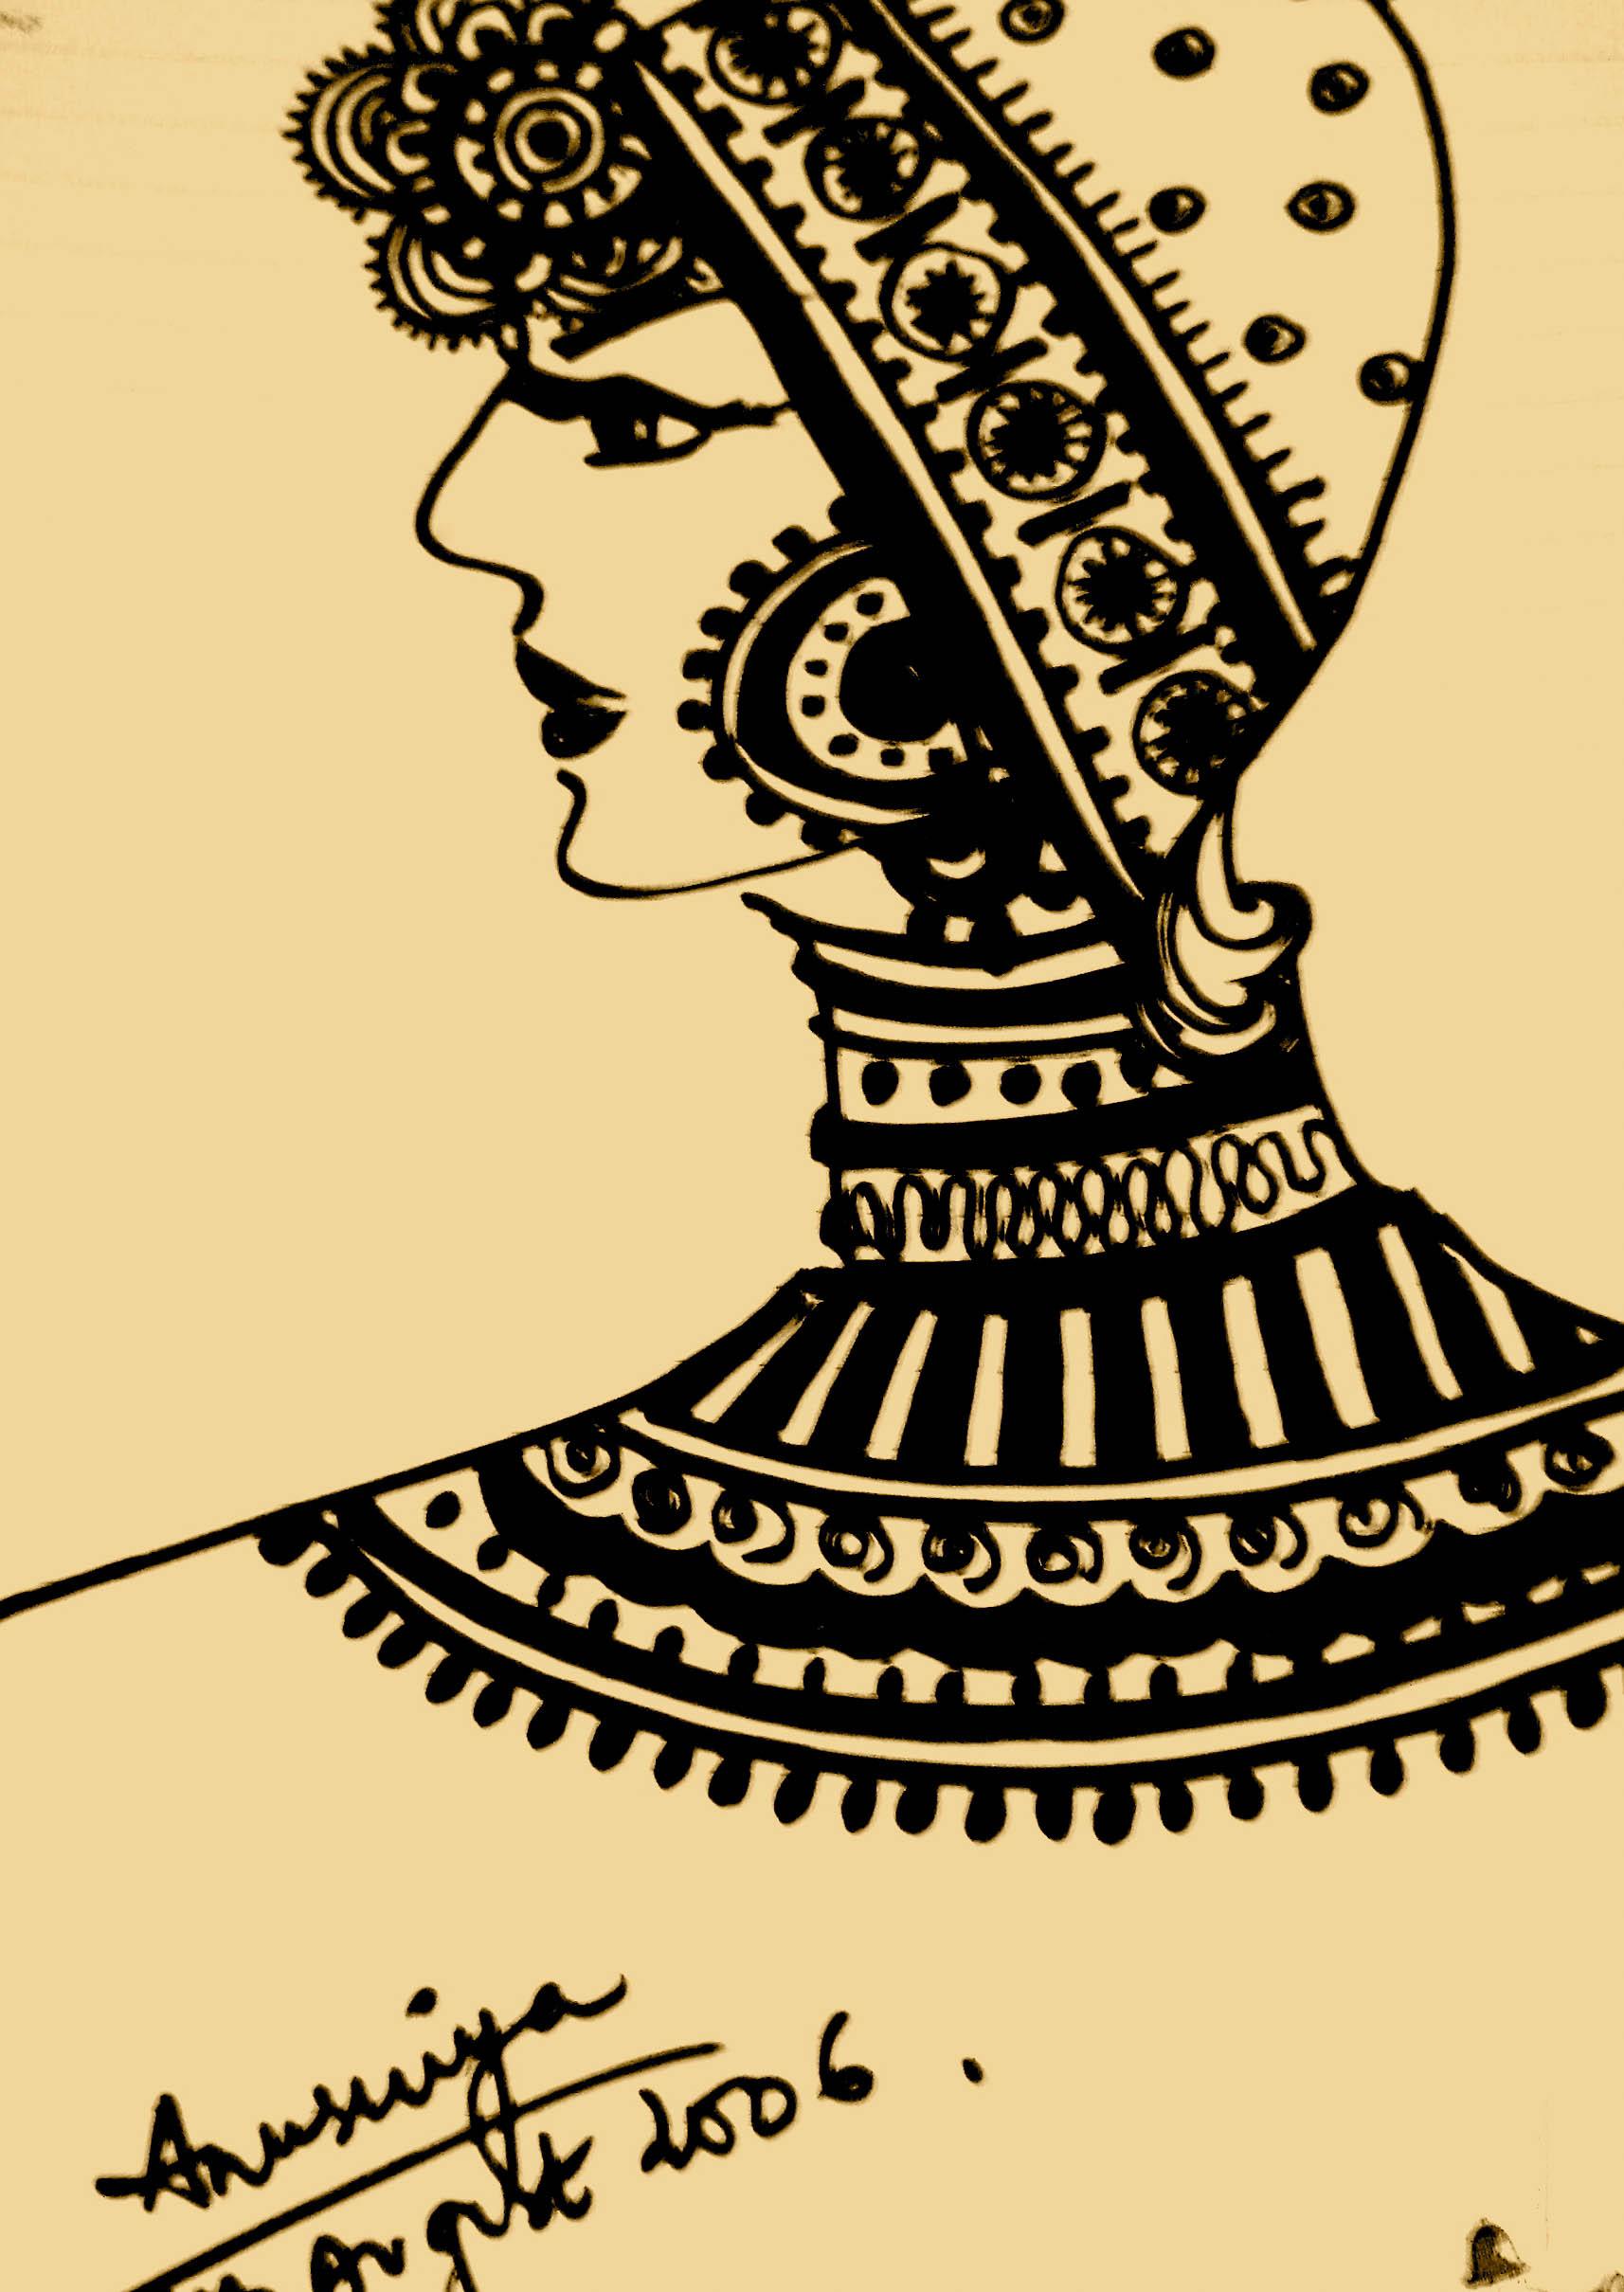 The Embellished Lady